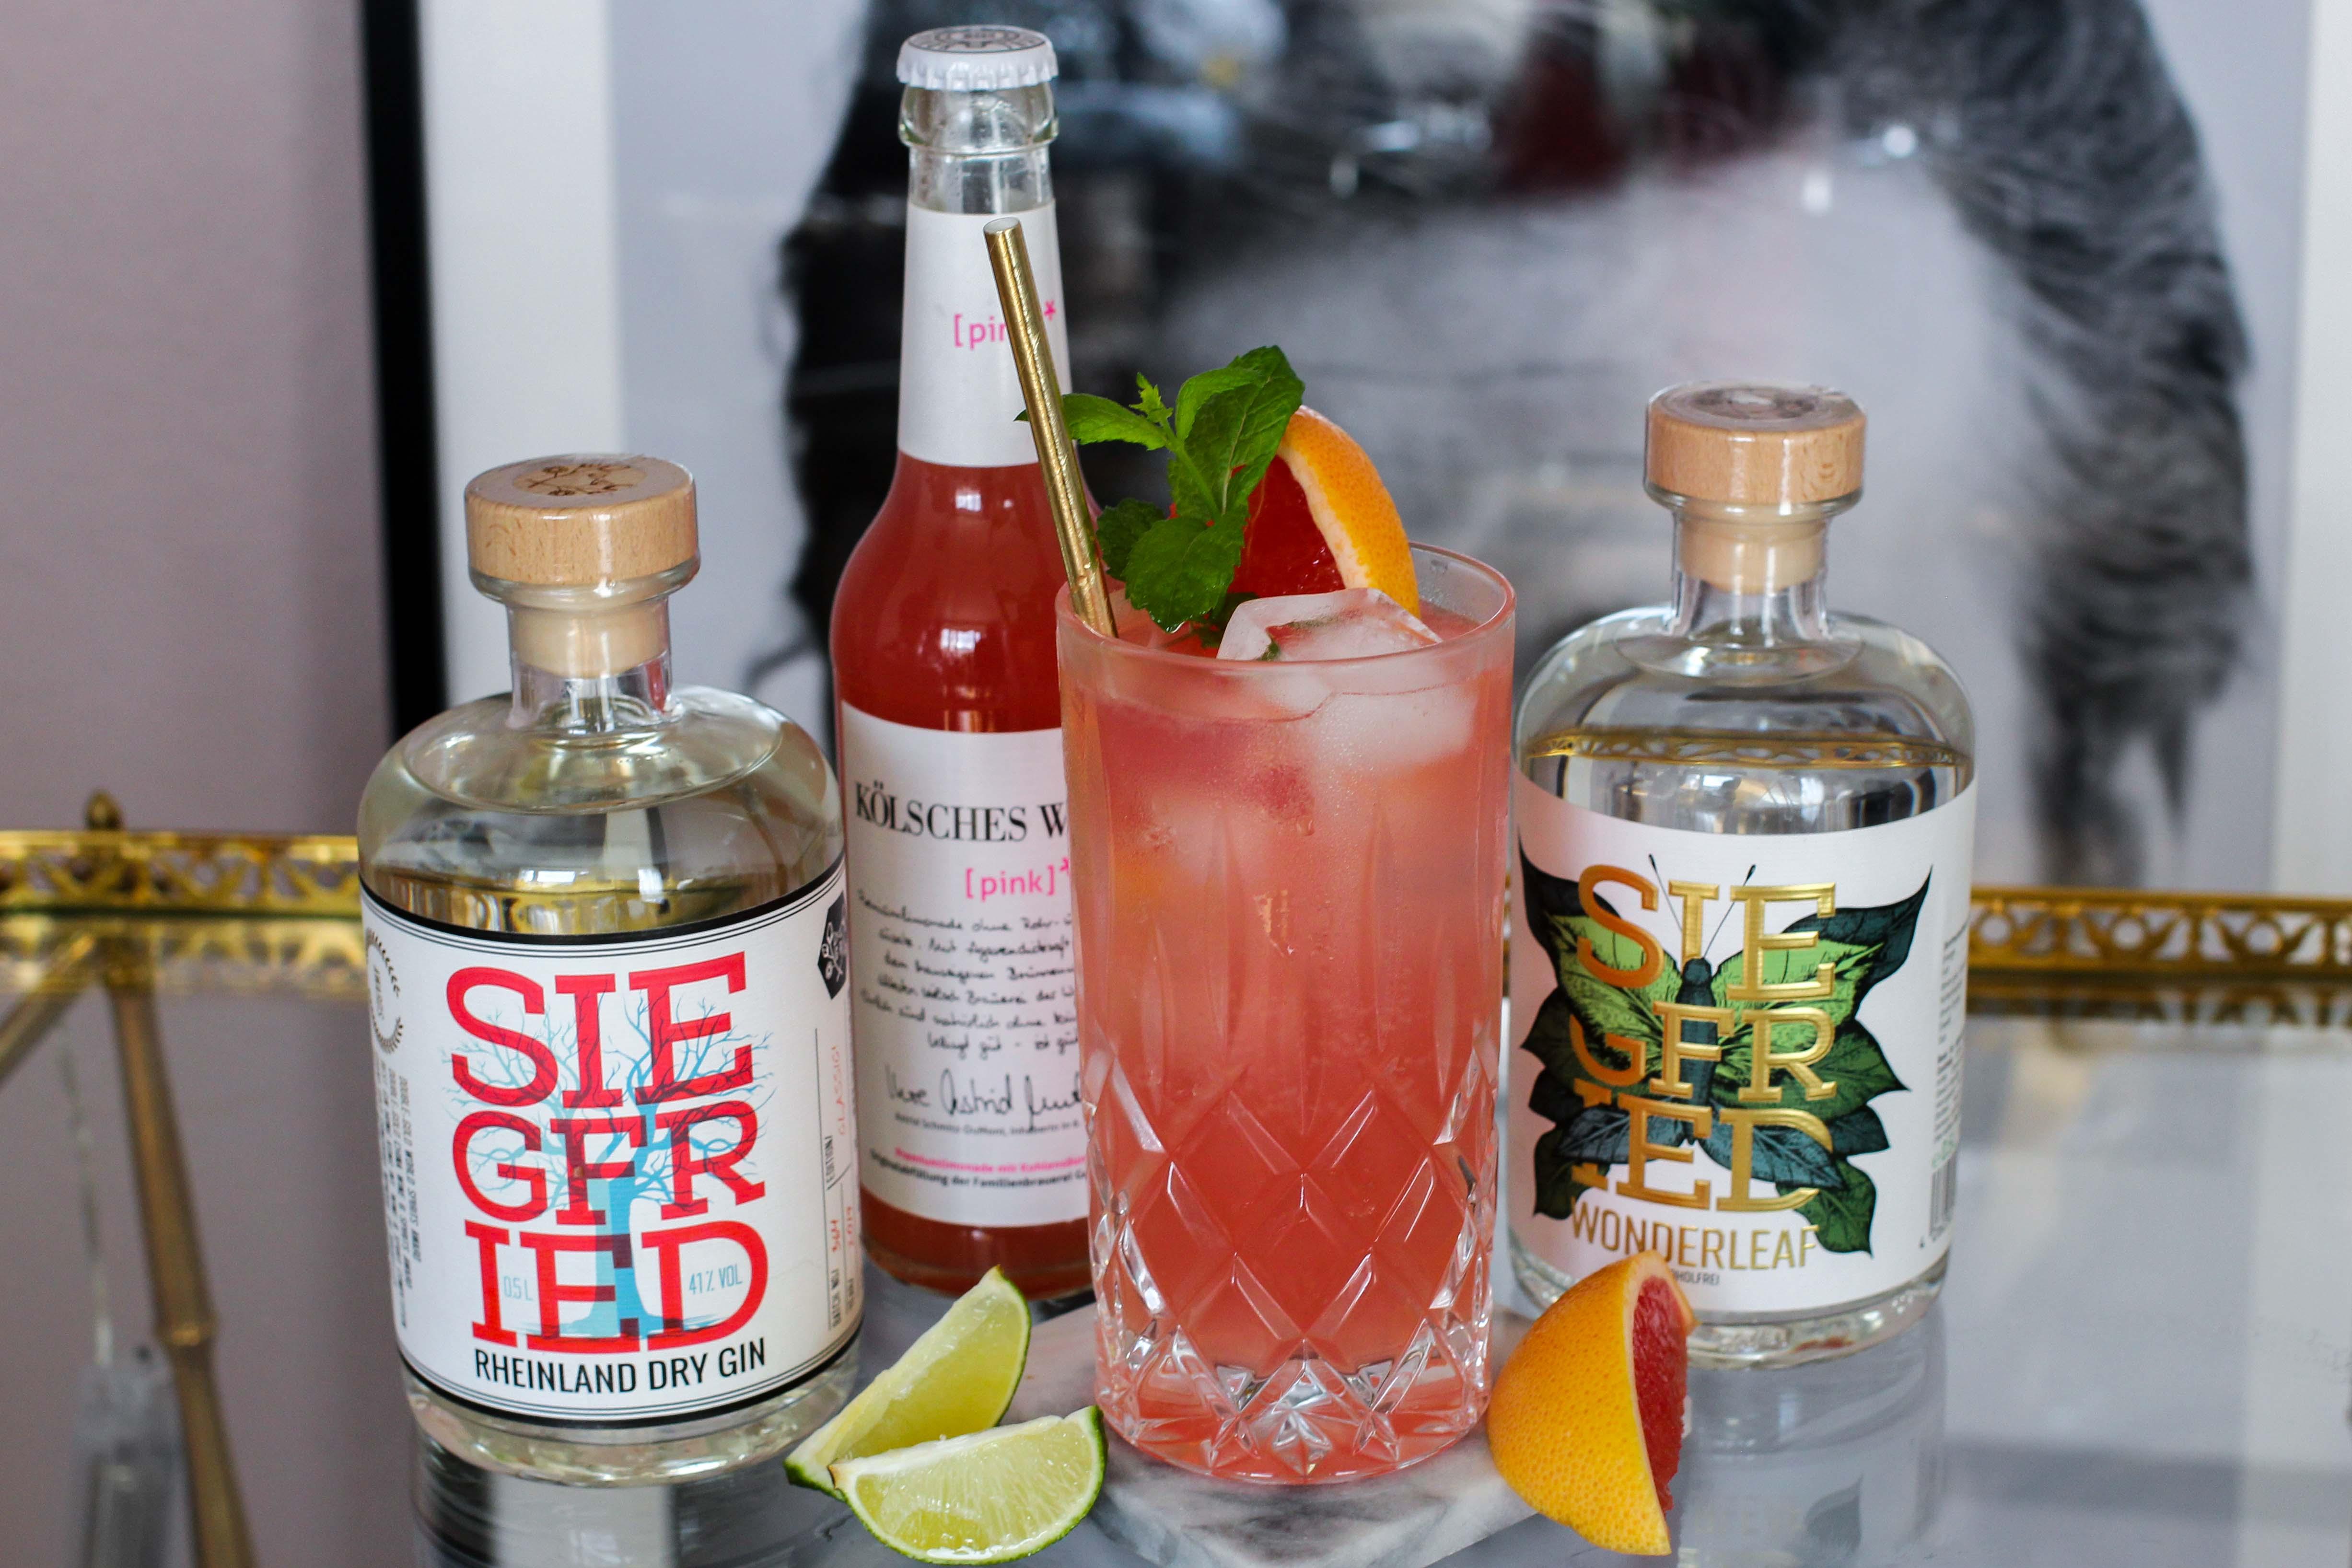 30ster Geburtstag Gin Rezept Siegfried Gin Cocktail BrinisFashionBook Dirty30 Grapefruit Highball Wonderleaf Sünner Limonade